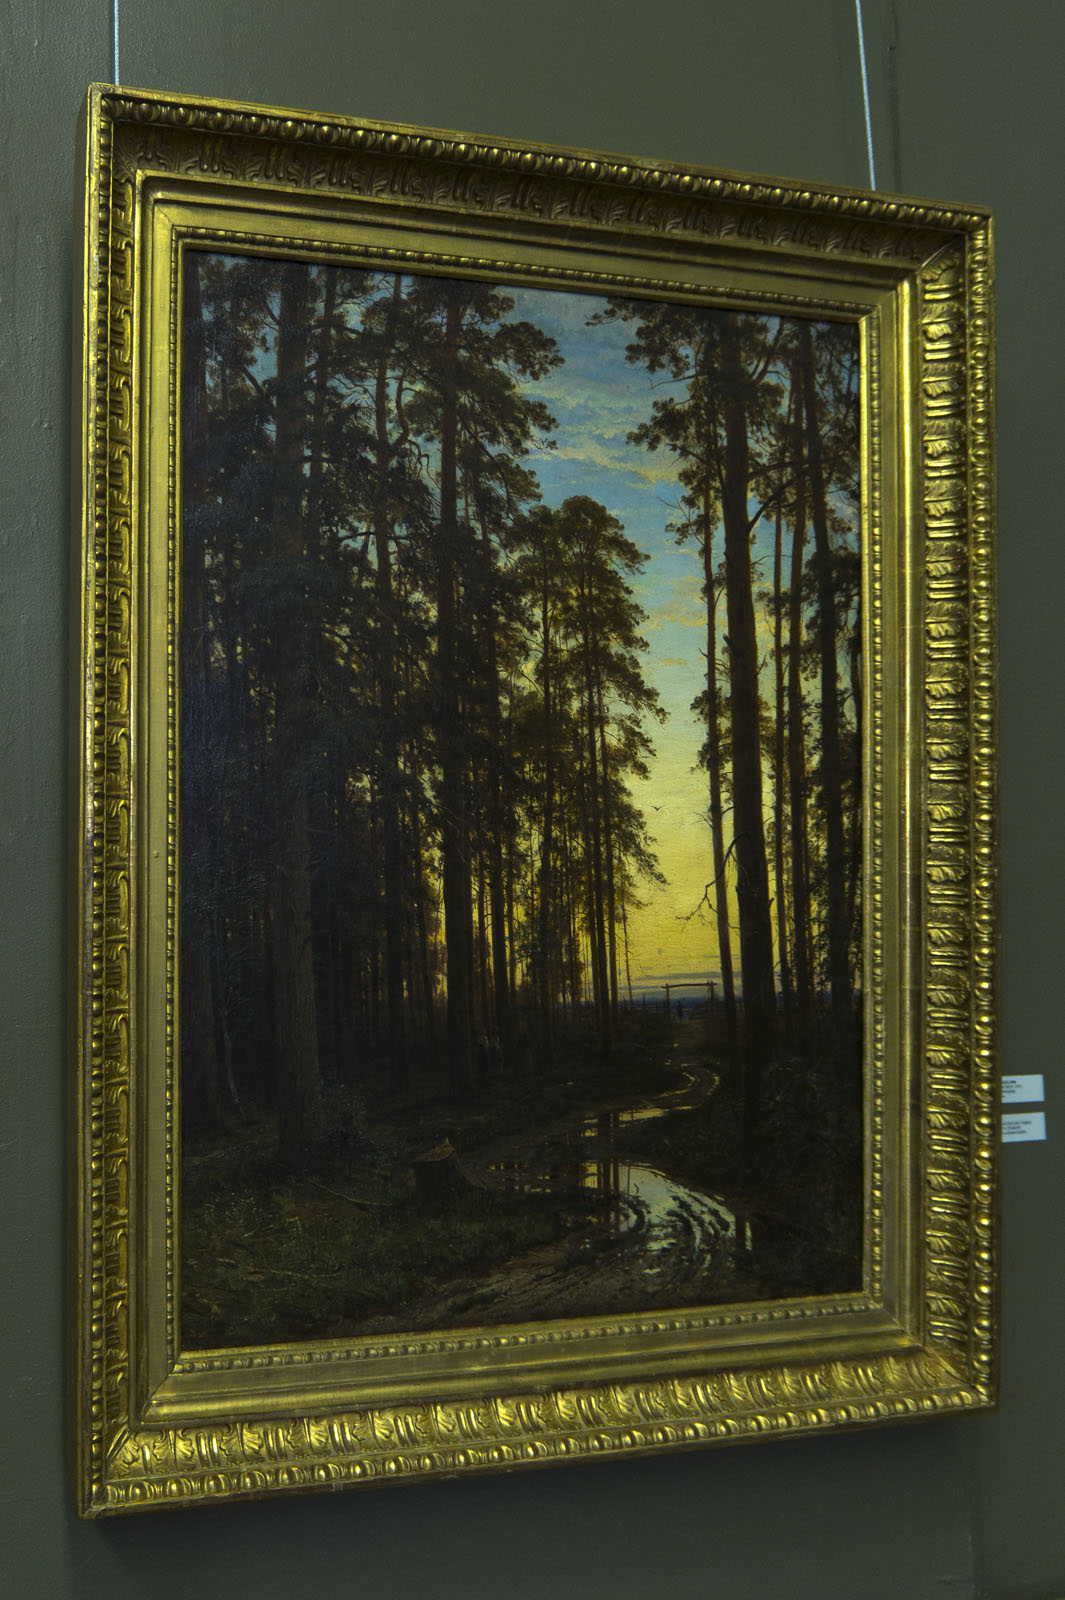 Фото №80183. Вечер в сосновом лесу. 1875. Шишкин И.И. (1832-1898)